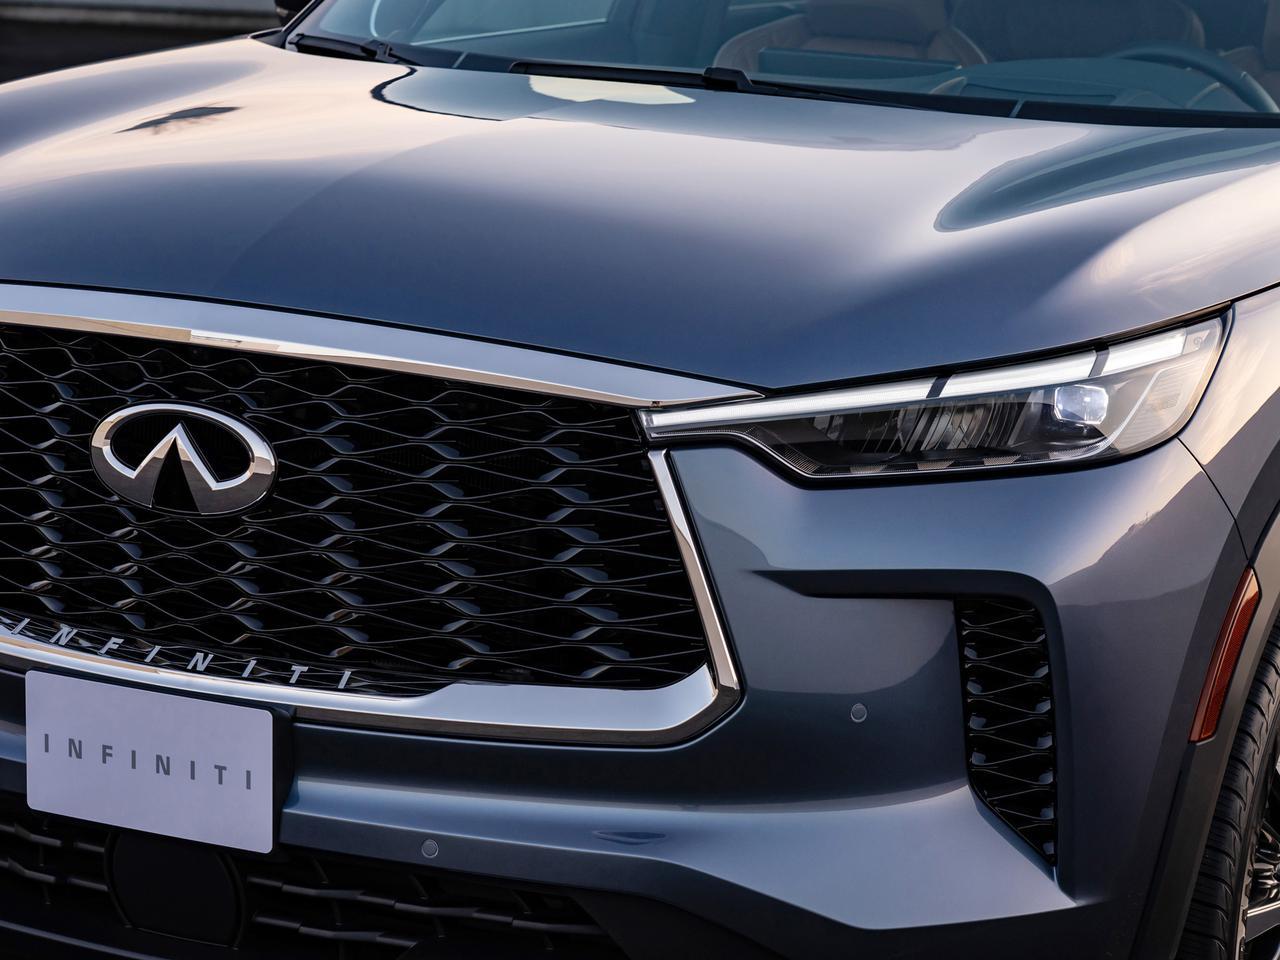 インフィニティが新型QX60を発表。2021年秋より北米市場を皮切りに販売開始